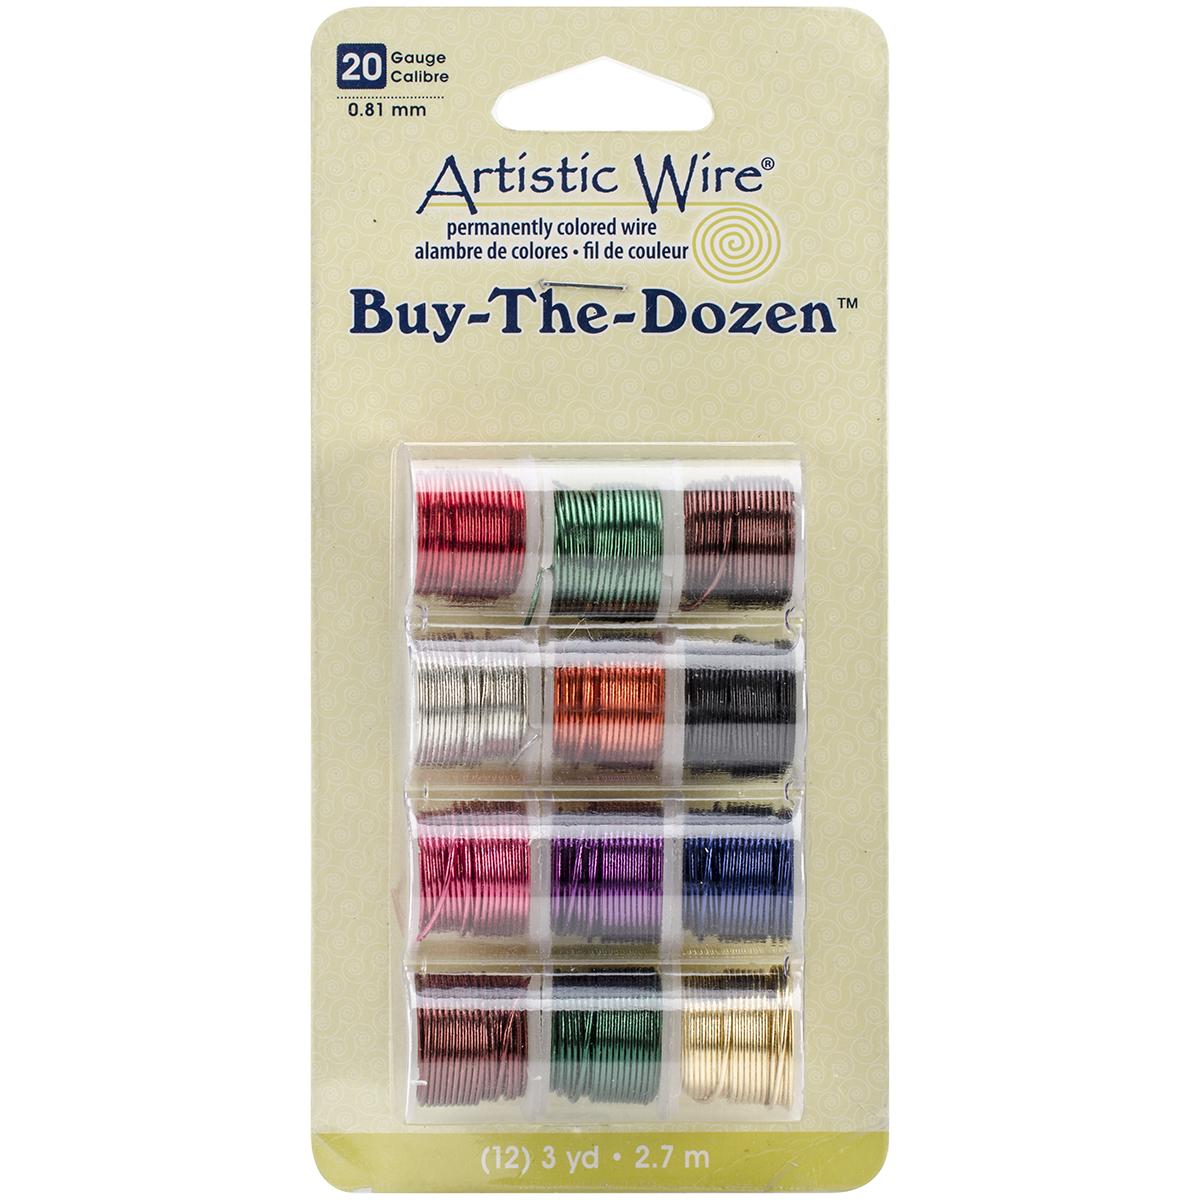 Artistic Wire Buy-The-Dozen 3yd 12/Pkg-20 Gauge